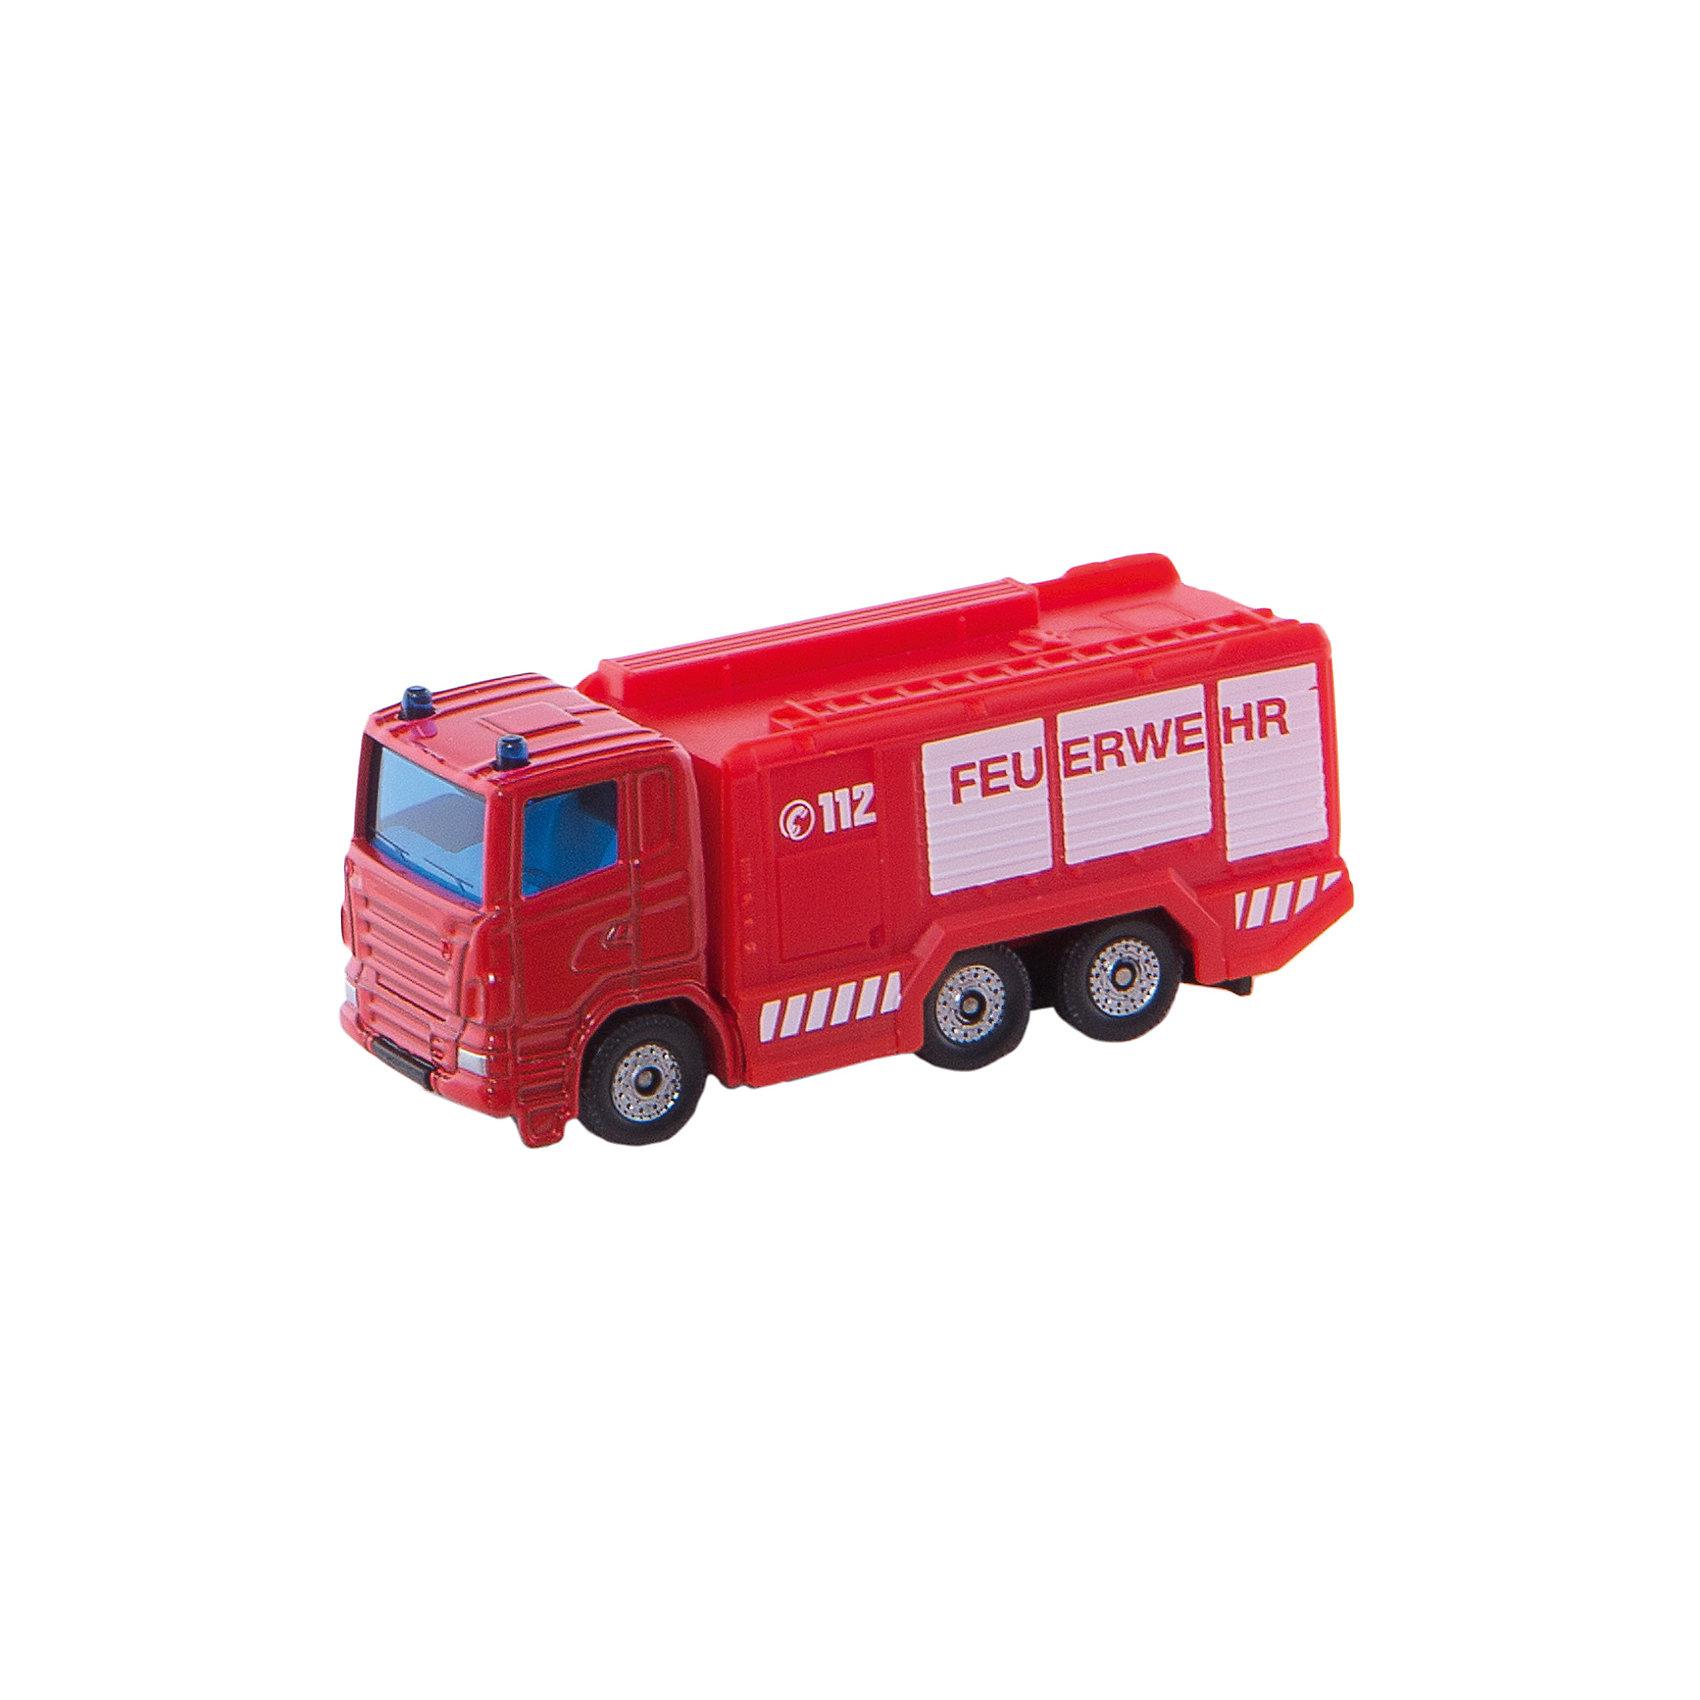 SIKU 1034 Пожарная цистернаМашинки<br>SIKU (СИКУ) 1034 Пожарная цистерна<br><br>Корпус выполнен из металла, лобовое и заднее стёкла из прозрачной тонированной пластмассы, колёса выполнены из пластика и вращаются, можно катать.<br><br>Дополнительная информация:<br>-Размер игрушки: 7,6 x 2,9 x 4,0 см<br>-Материал: металл с элементами пластмассы<br><br>Купите эту игрушку в подарок, и ребенок сам придумает множество сценариев и сюжетов игры.<br><br>SIKU (СИКУ) 1034 Пожарную цистерну можно купить в нашем магазине.<br><br>Ширина мм: 96<br>Глубина мм: 76<br>Высота мм: 32<br>Вес г: 57<br>Возраст от месяцев: 36<br>Возраст до месяцев: 96<br>Пол: Мужской<br>Возраст: Детский<br>SKU: 1503778